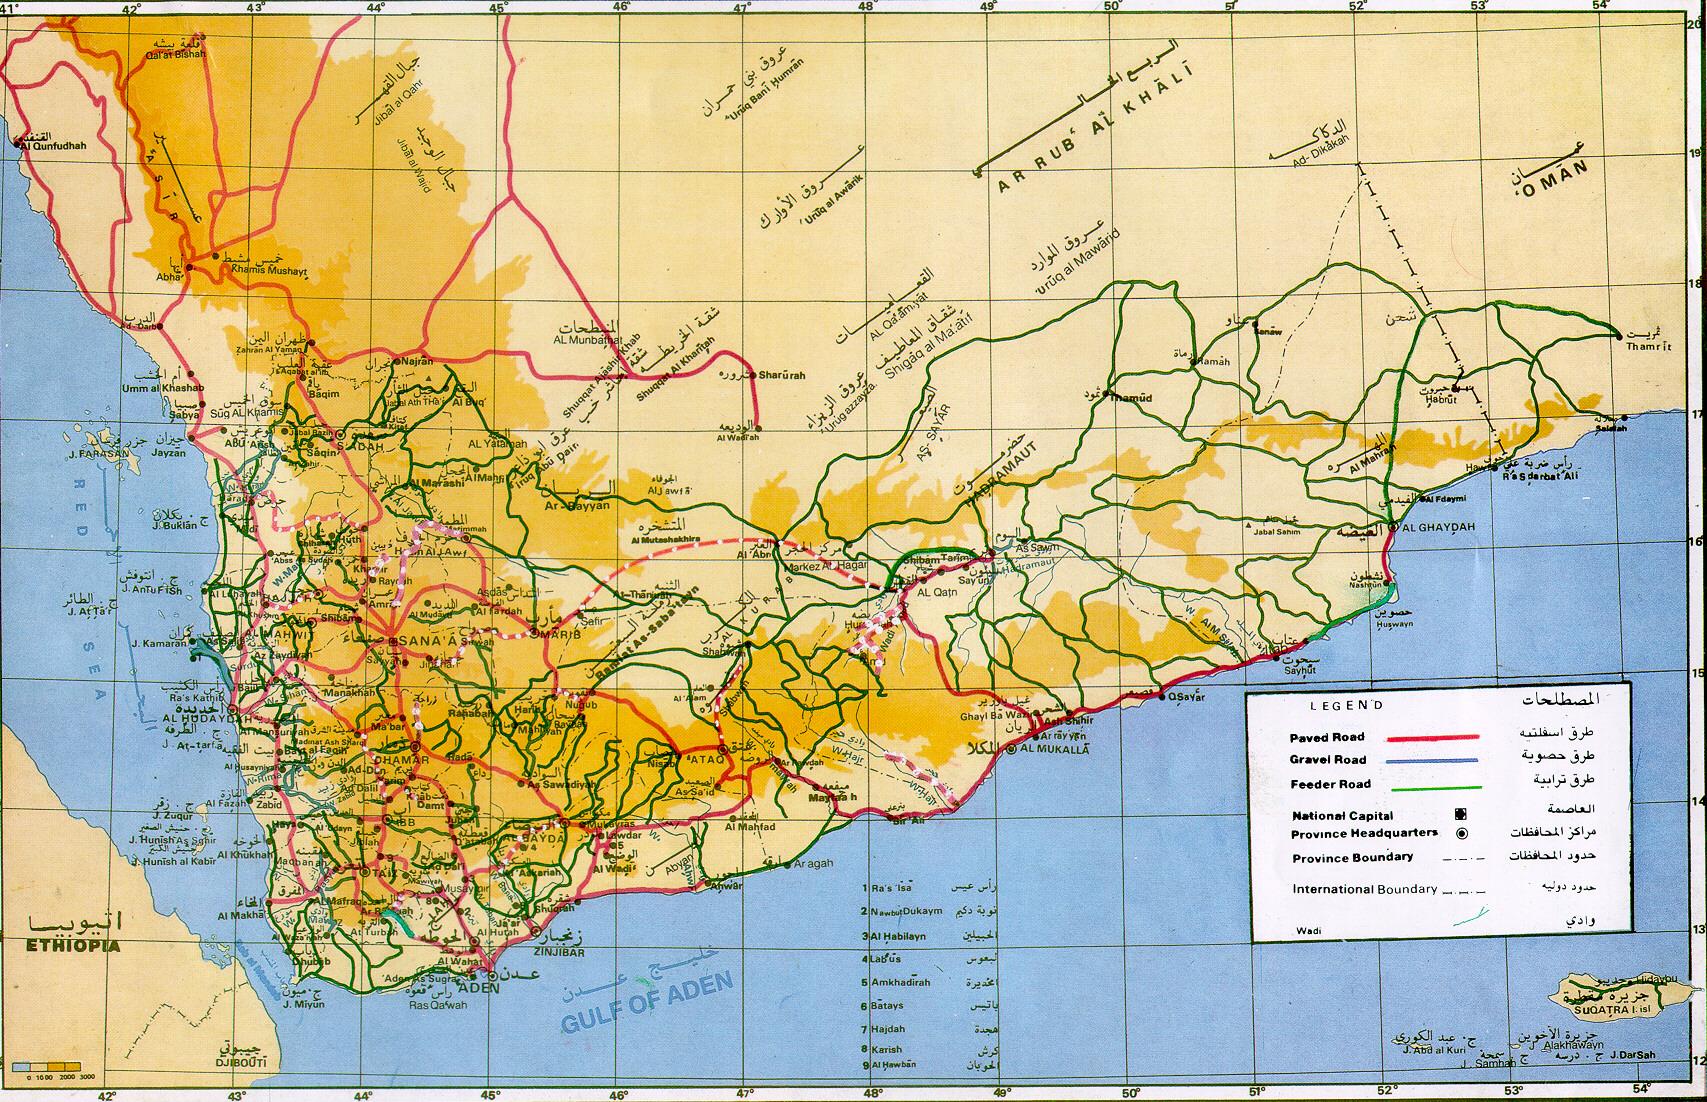 خريطة اليمن صماء السياحية و السياسية مفصلة بالتفصيل كاملة بالعربي Yemen_Road.jpg